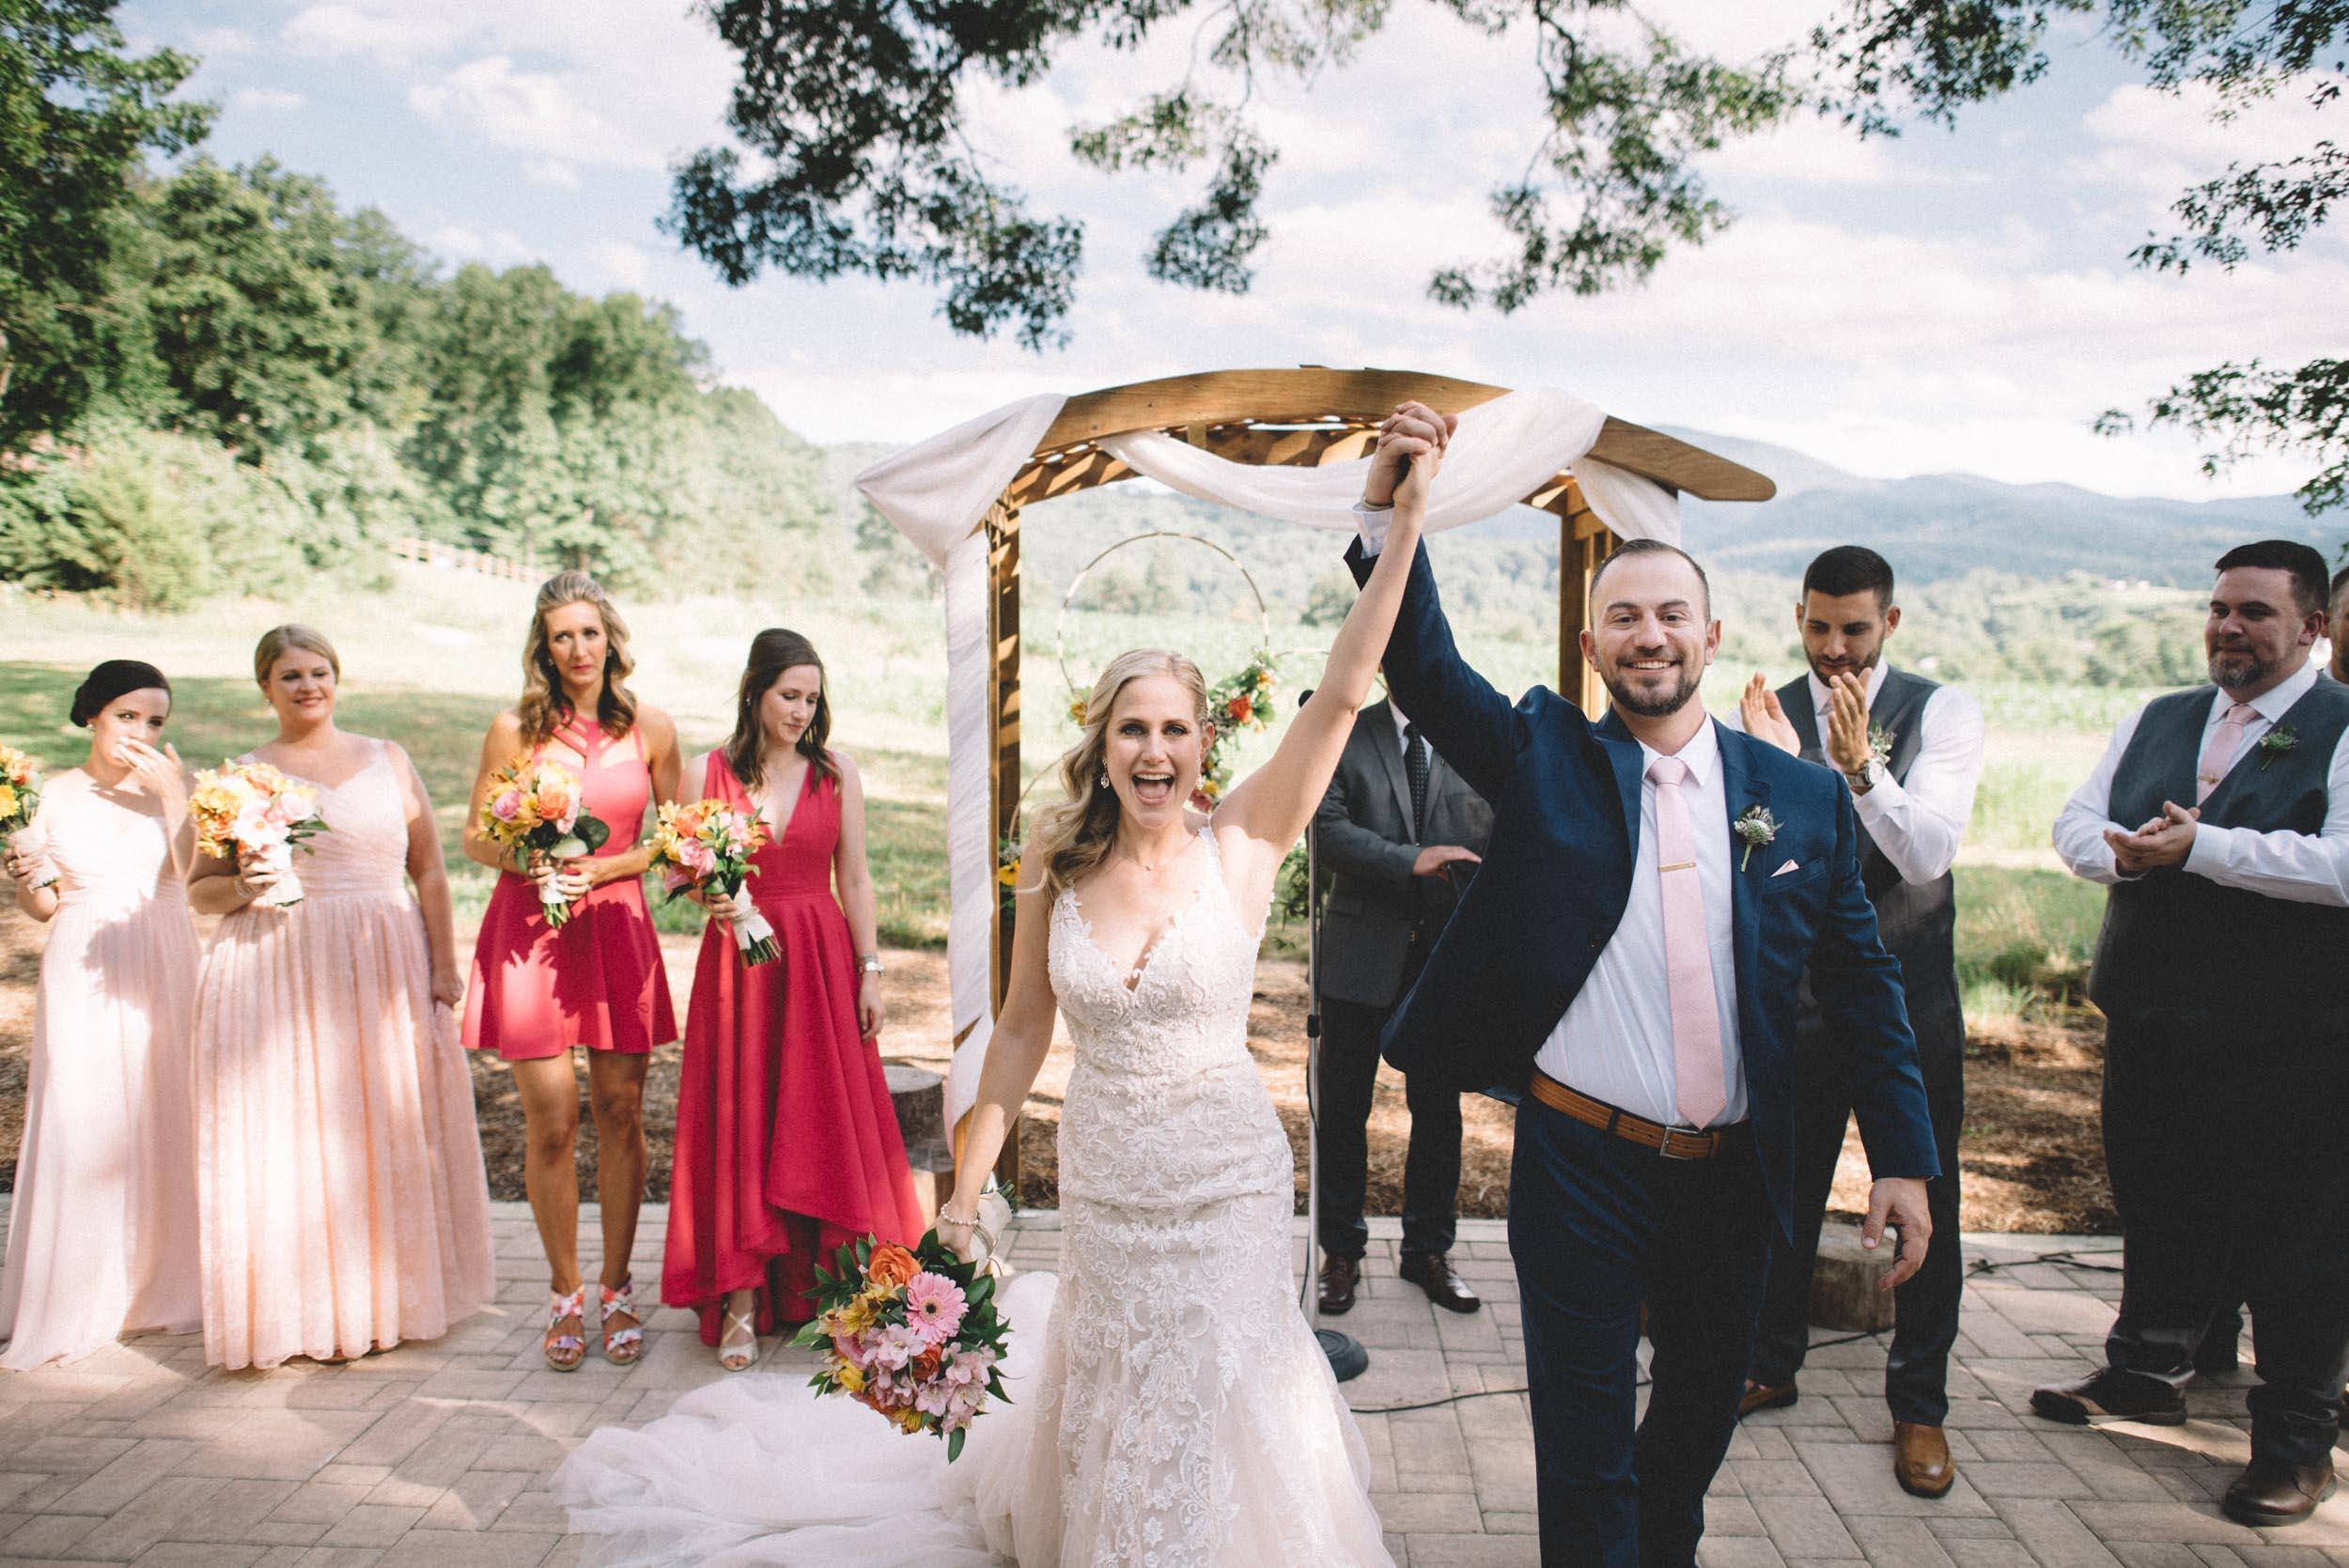 Shenandoah Woods wedding ceremony